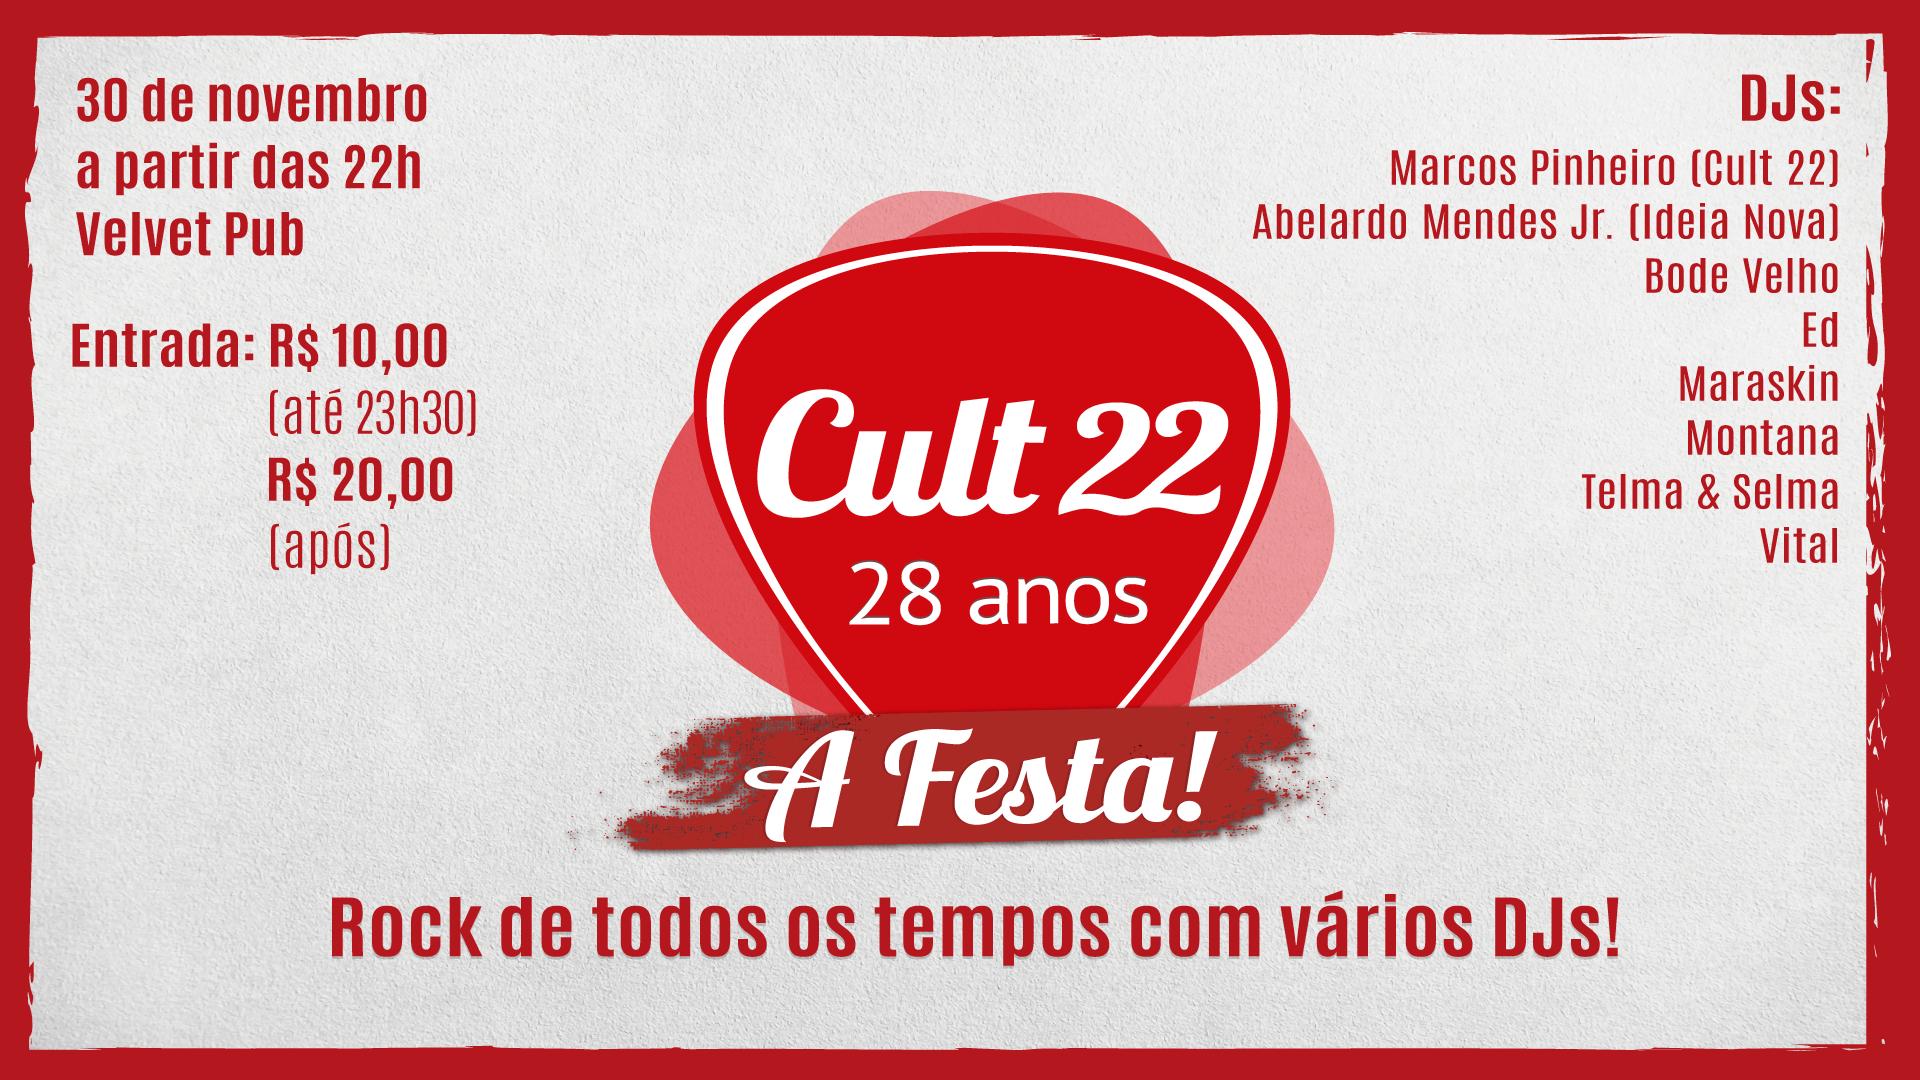 CULT 22 - 28 Anos (capa evento Facebook com DJs)